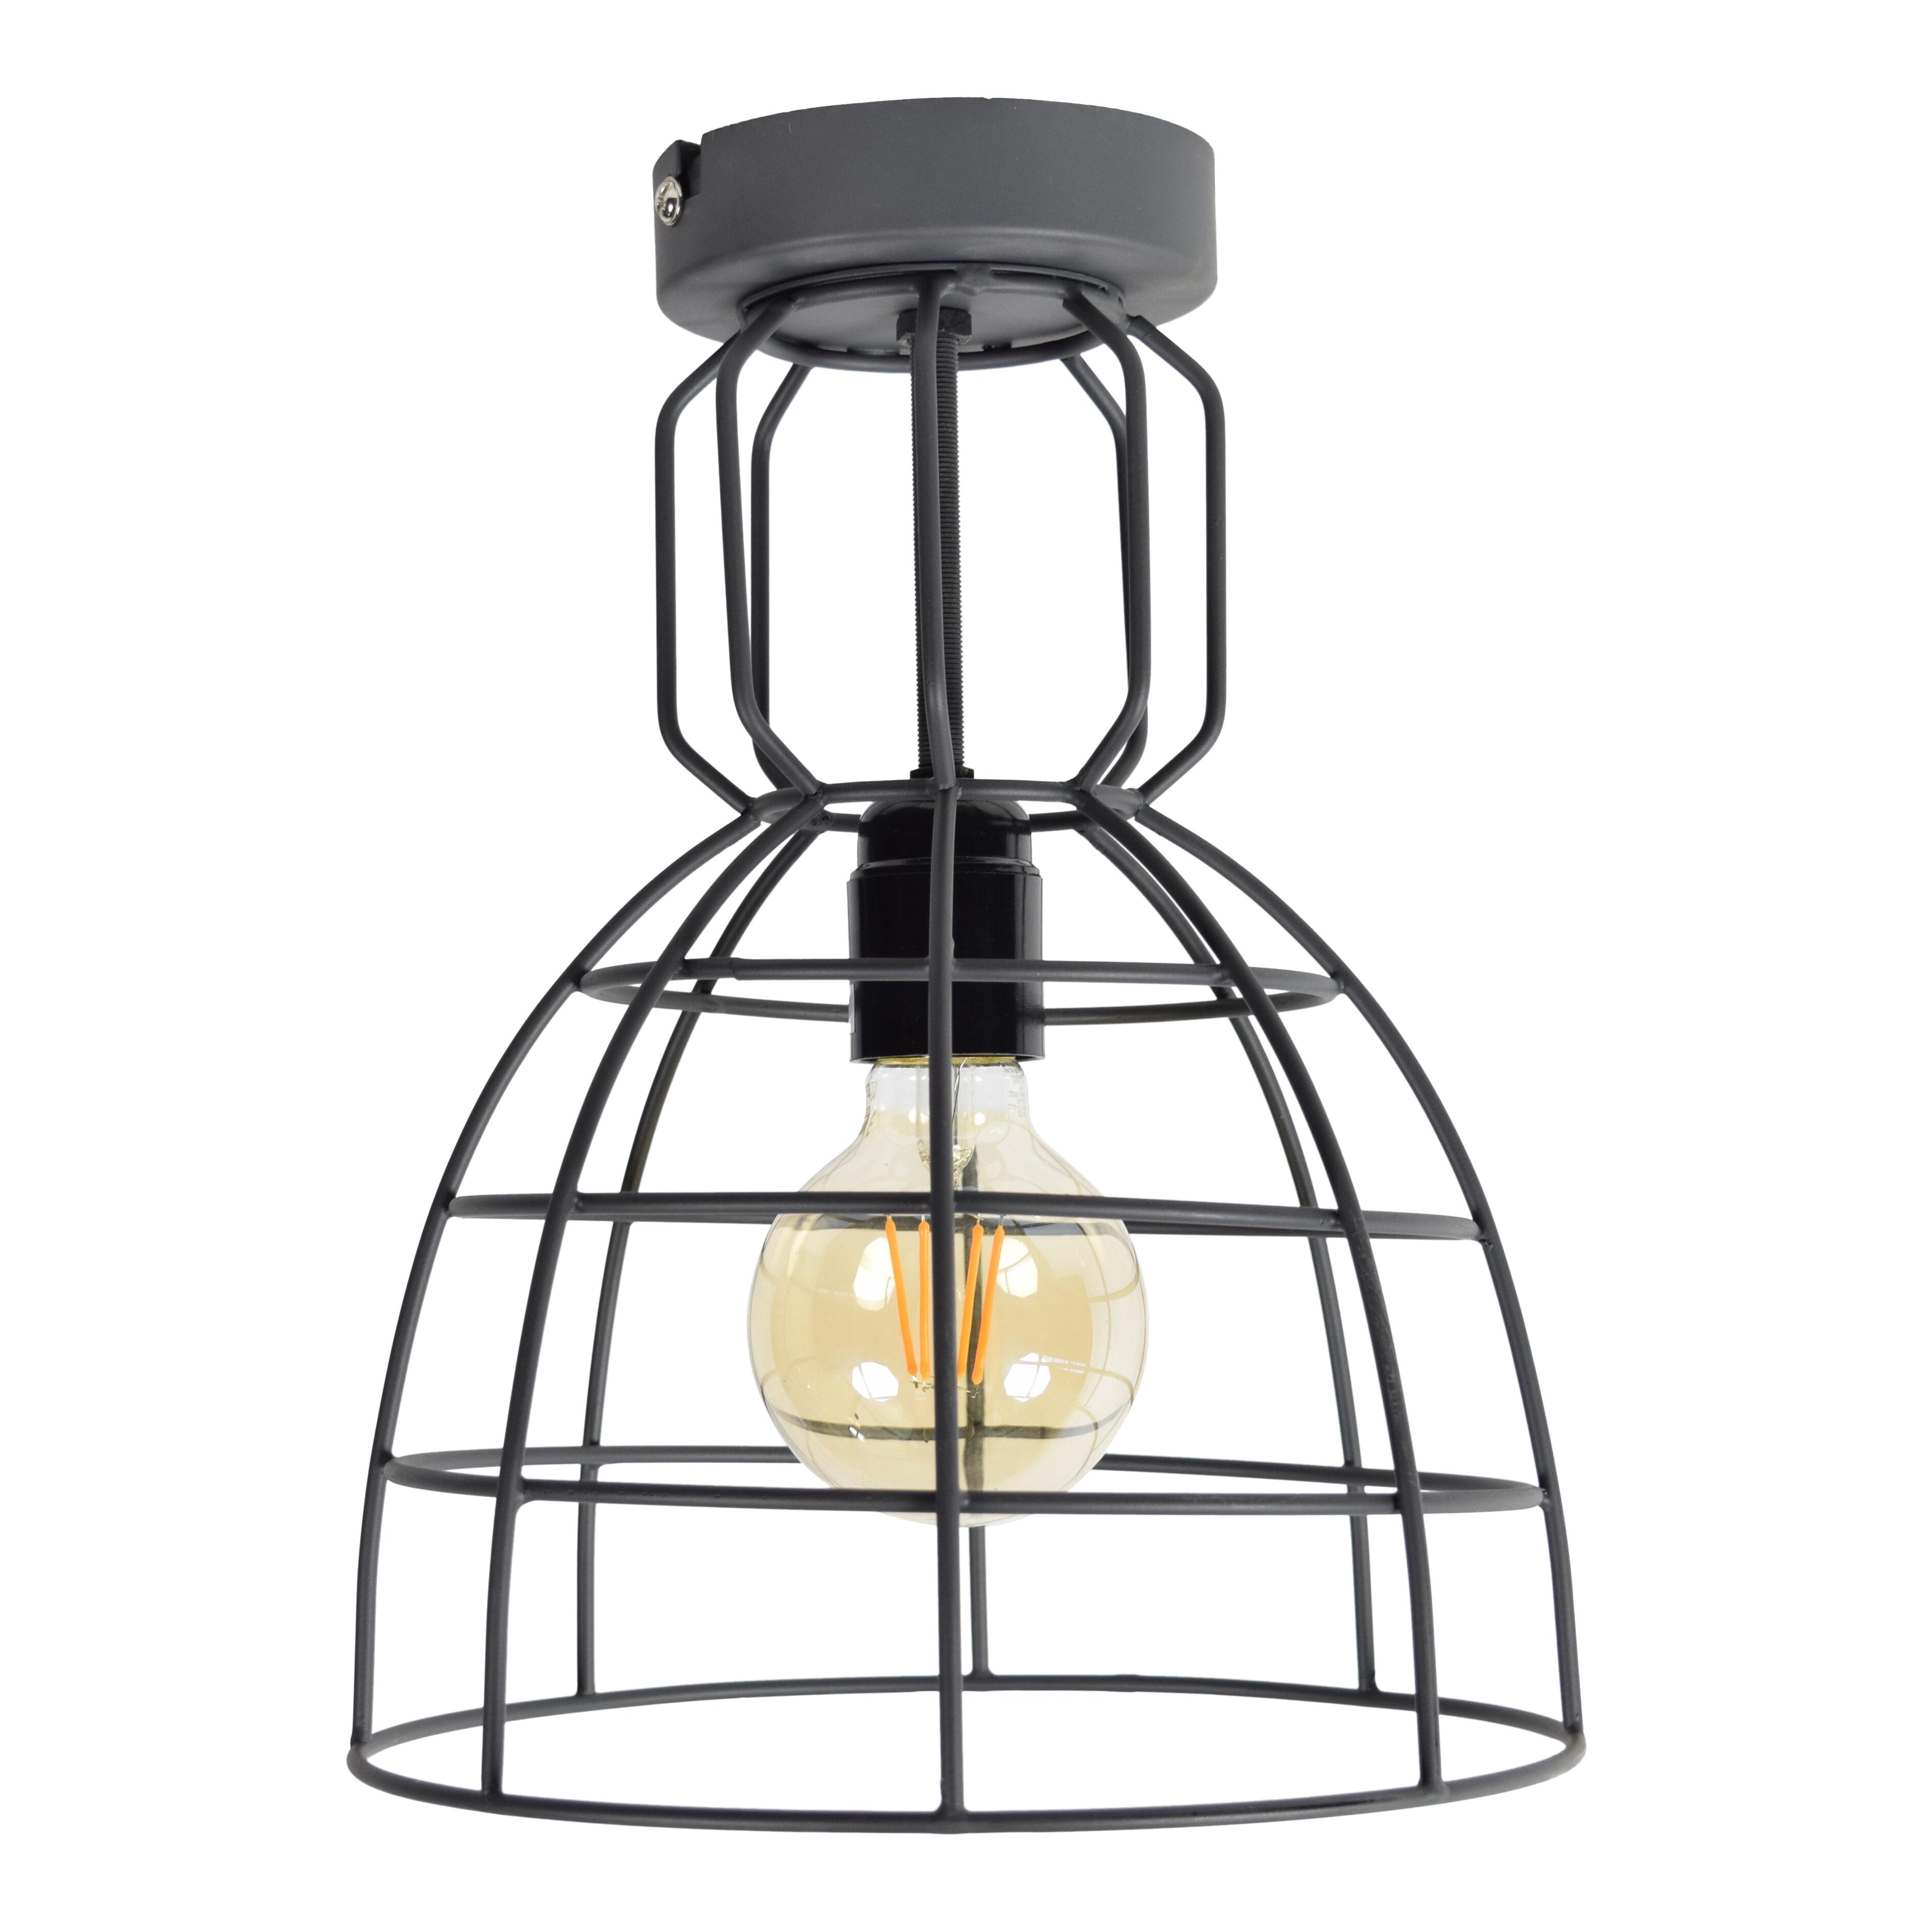 Urban Interiors plafondlamp 'Francis Large' ?24, kleur Zwart Verlichting   Plafondlampen vergelijken doe je het voordeligst hier bij Meubelpartner